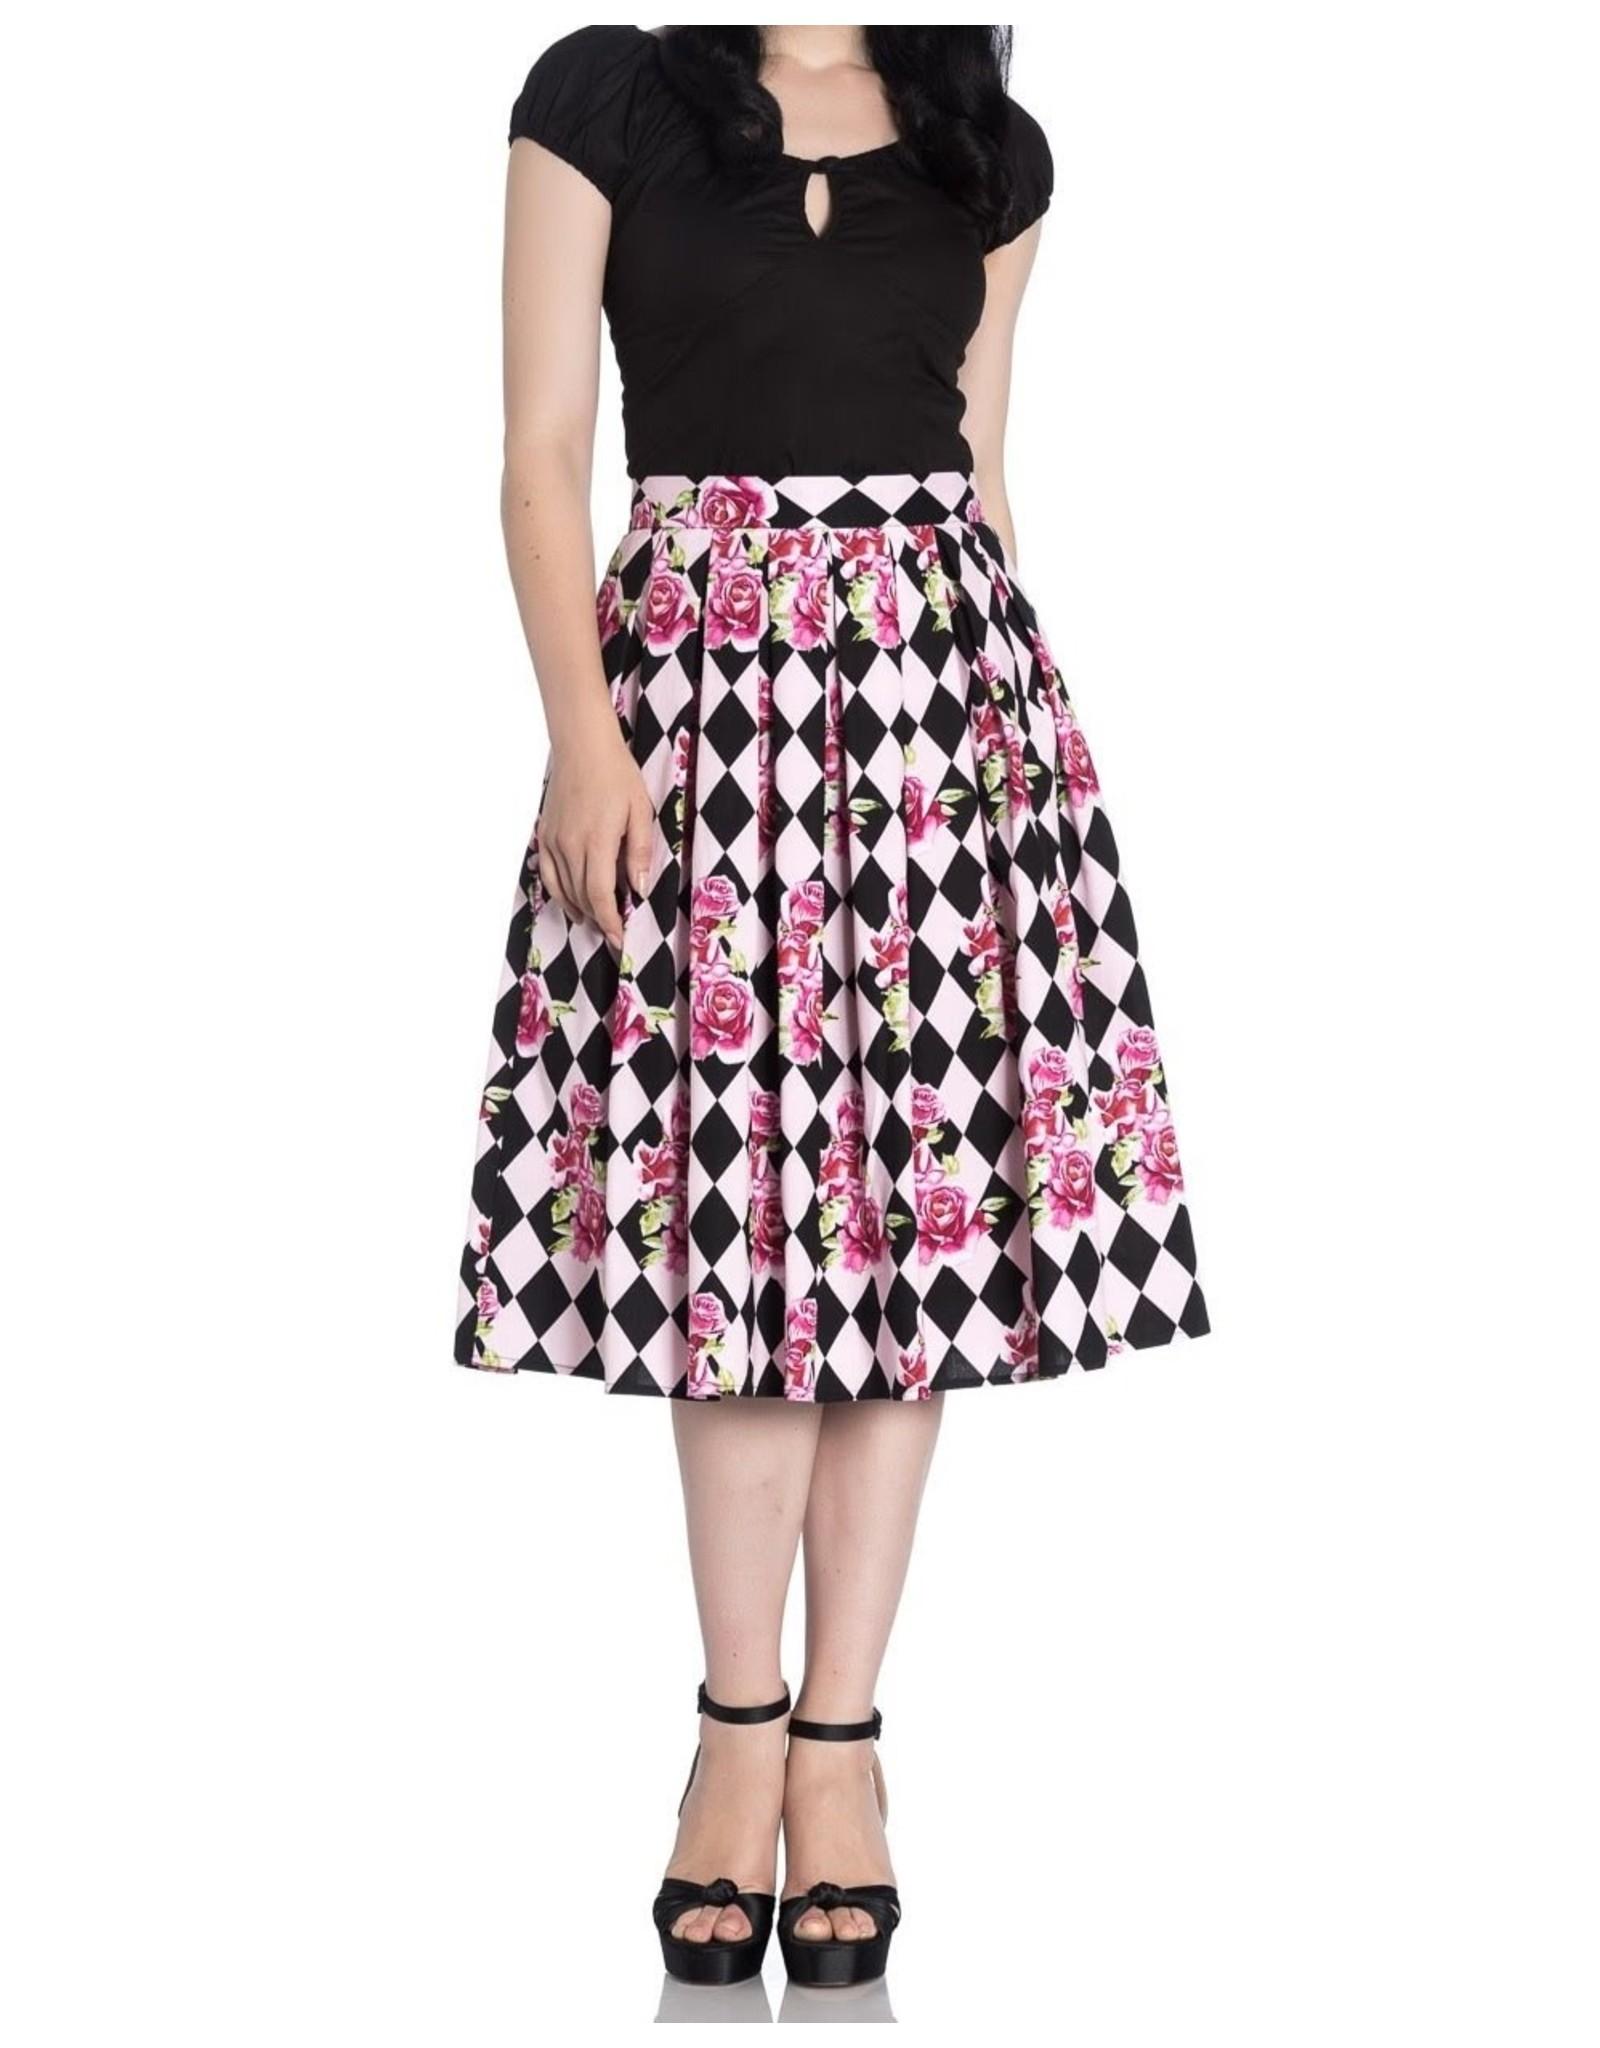 HELL BUNNY - Harlequin 50's Skirt